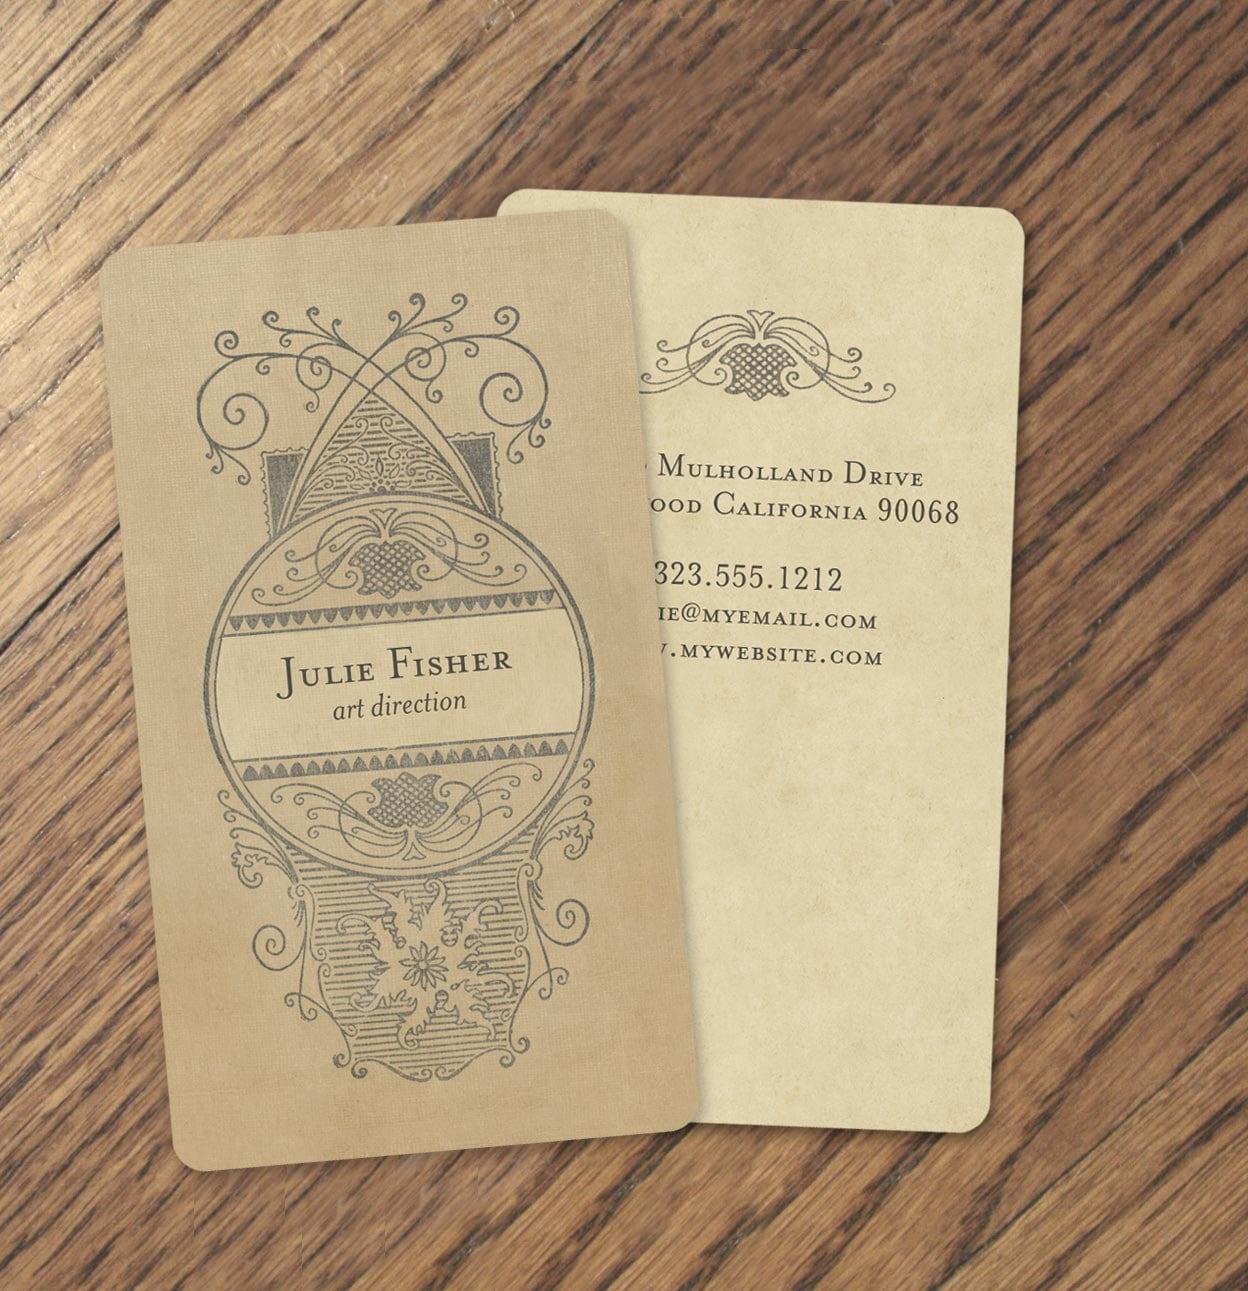 250 vintage calling cards vintage business cards etsy for Business calling cards